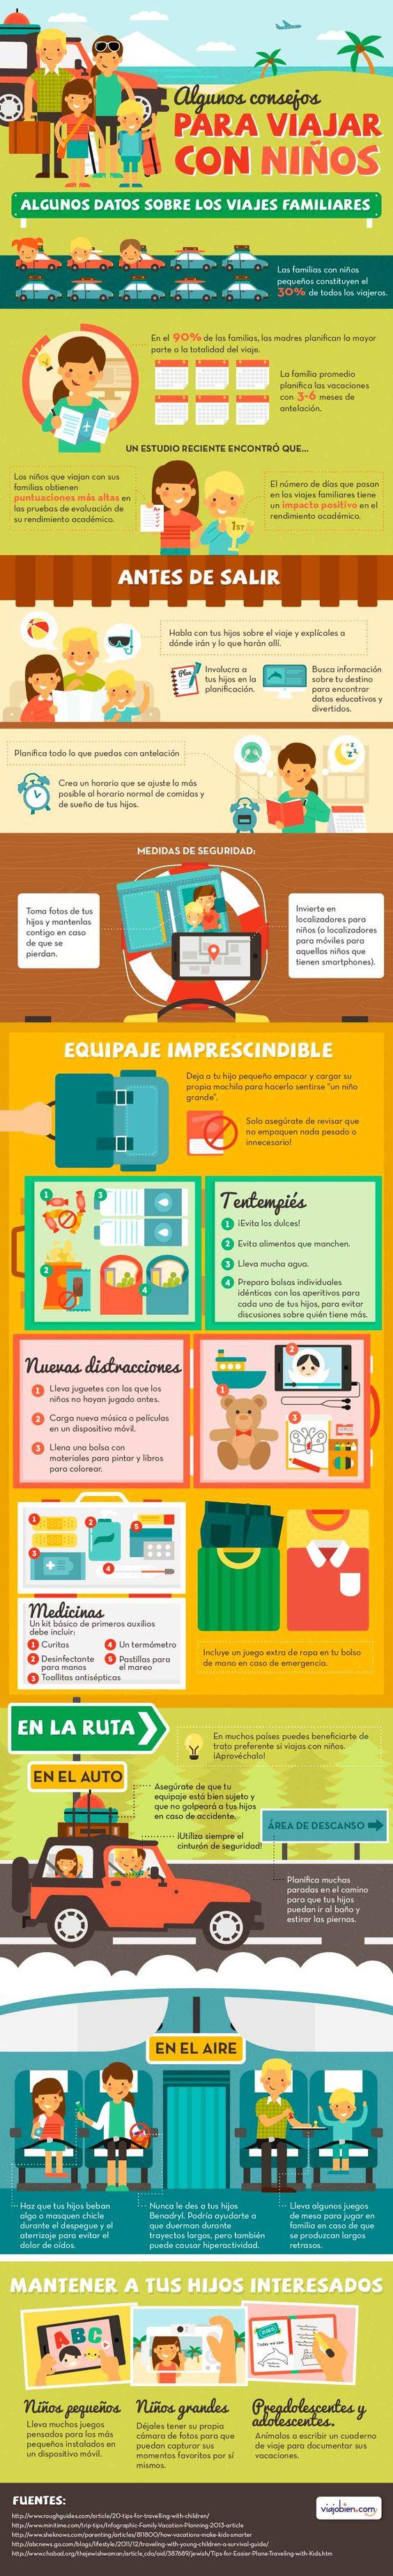 Infografía práctica para saber cómo viajar con niños. Todos los consejos.